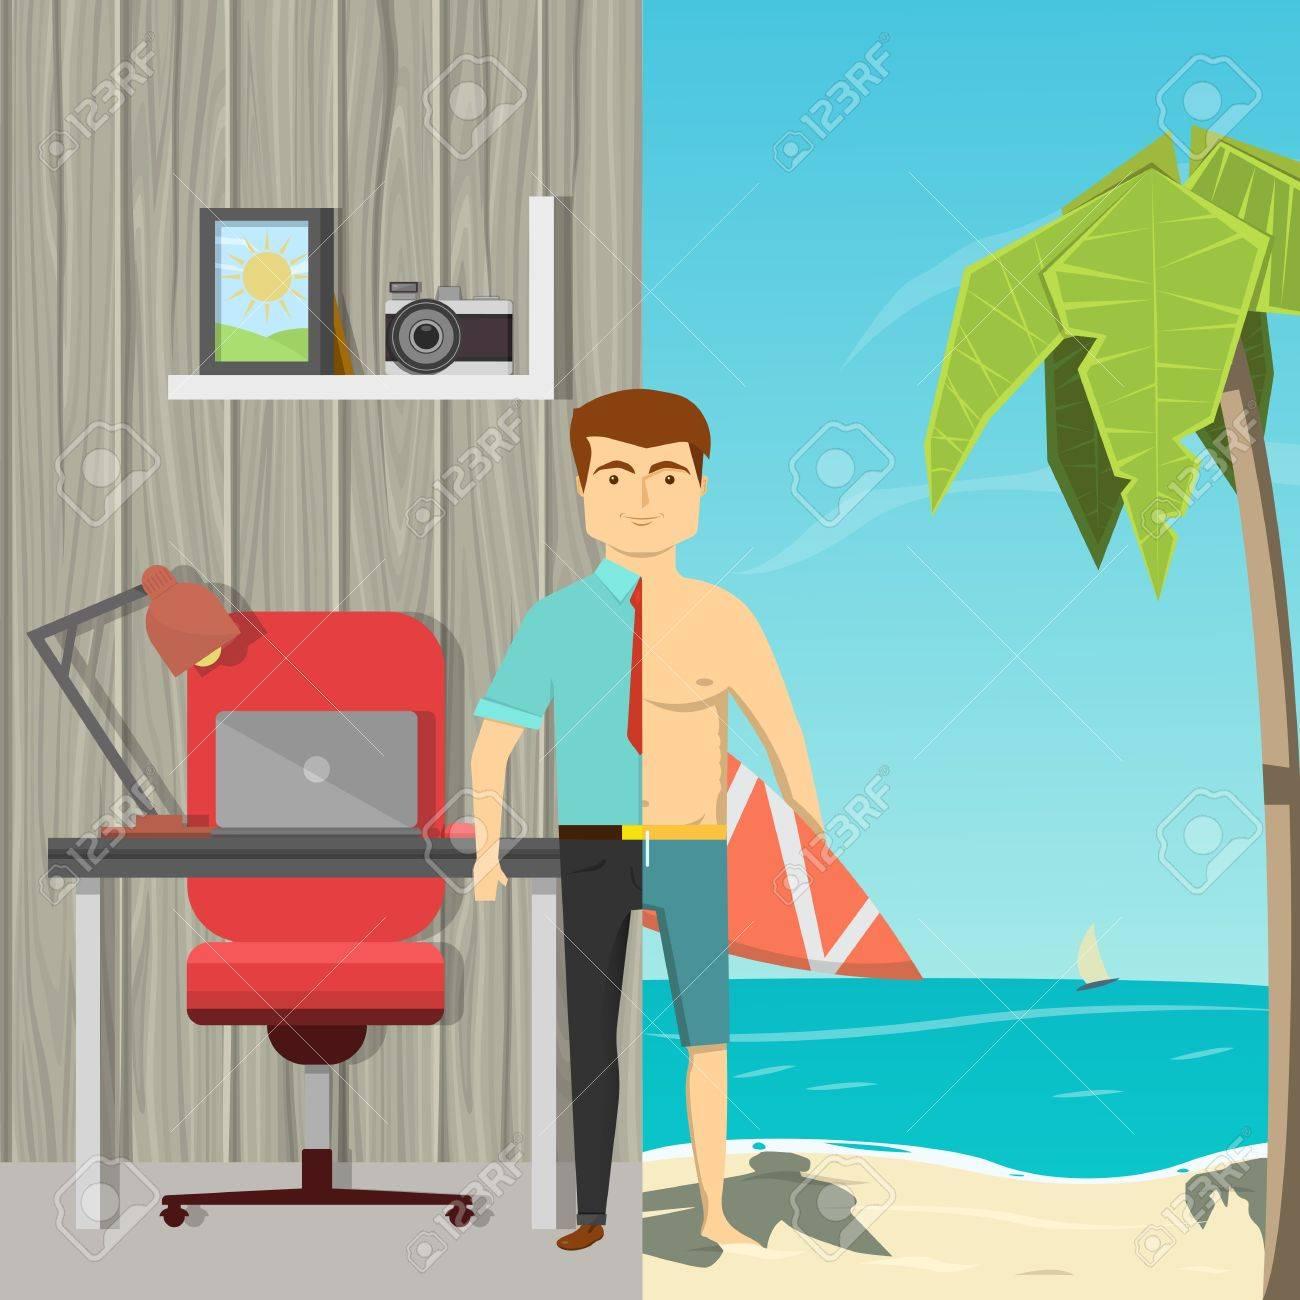 Vettoriale immagine piatta cartone animato di uomo diviso per metà